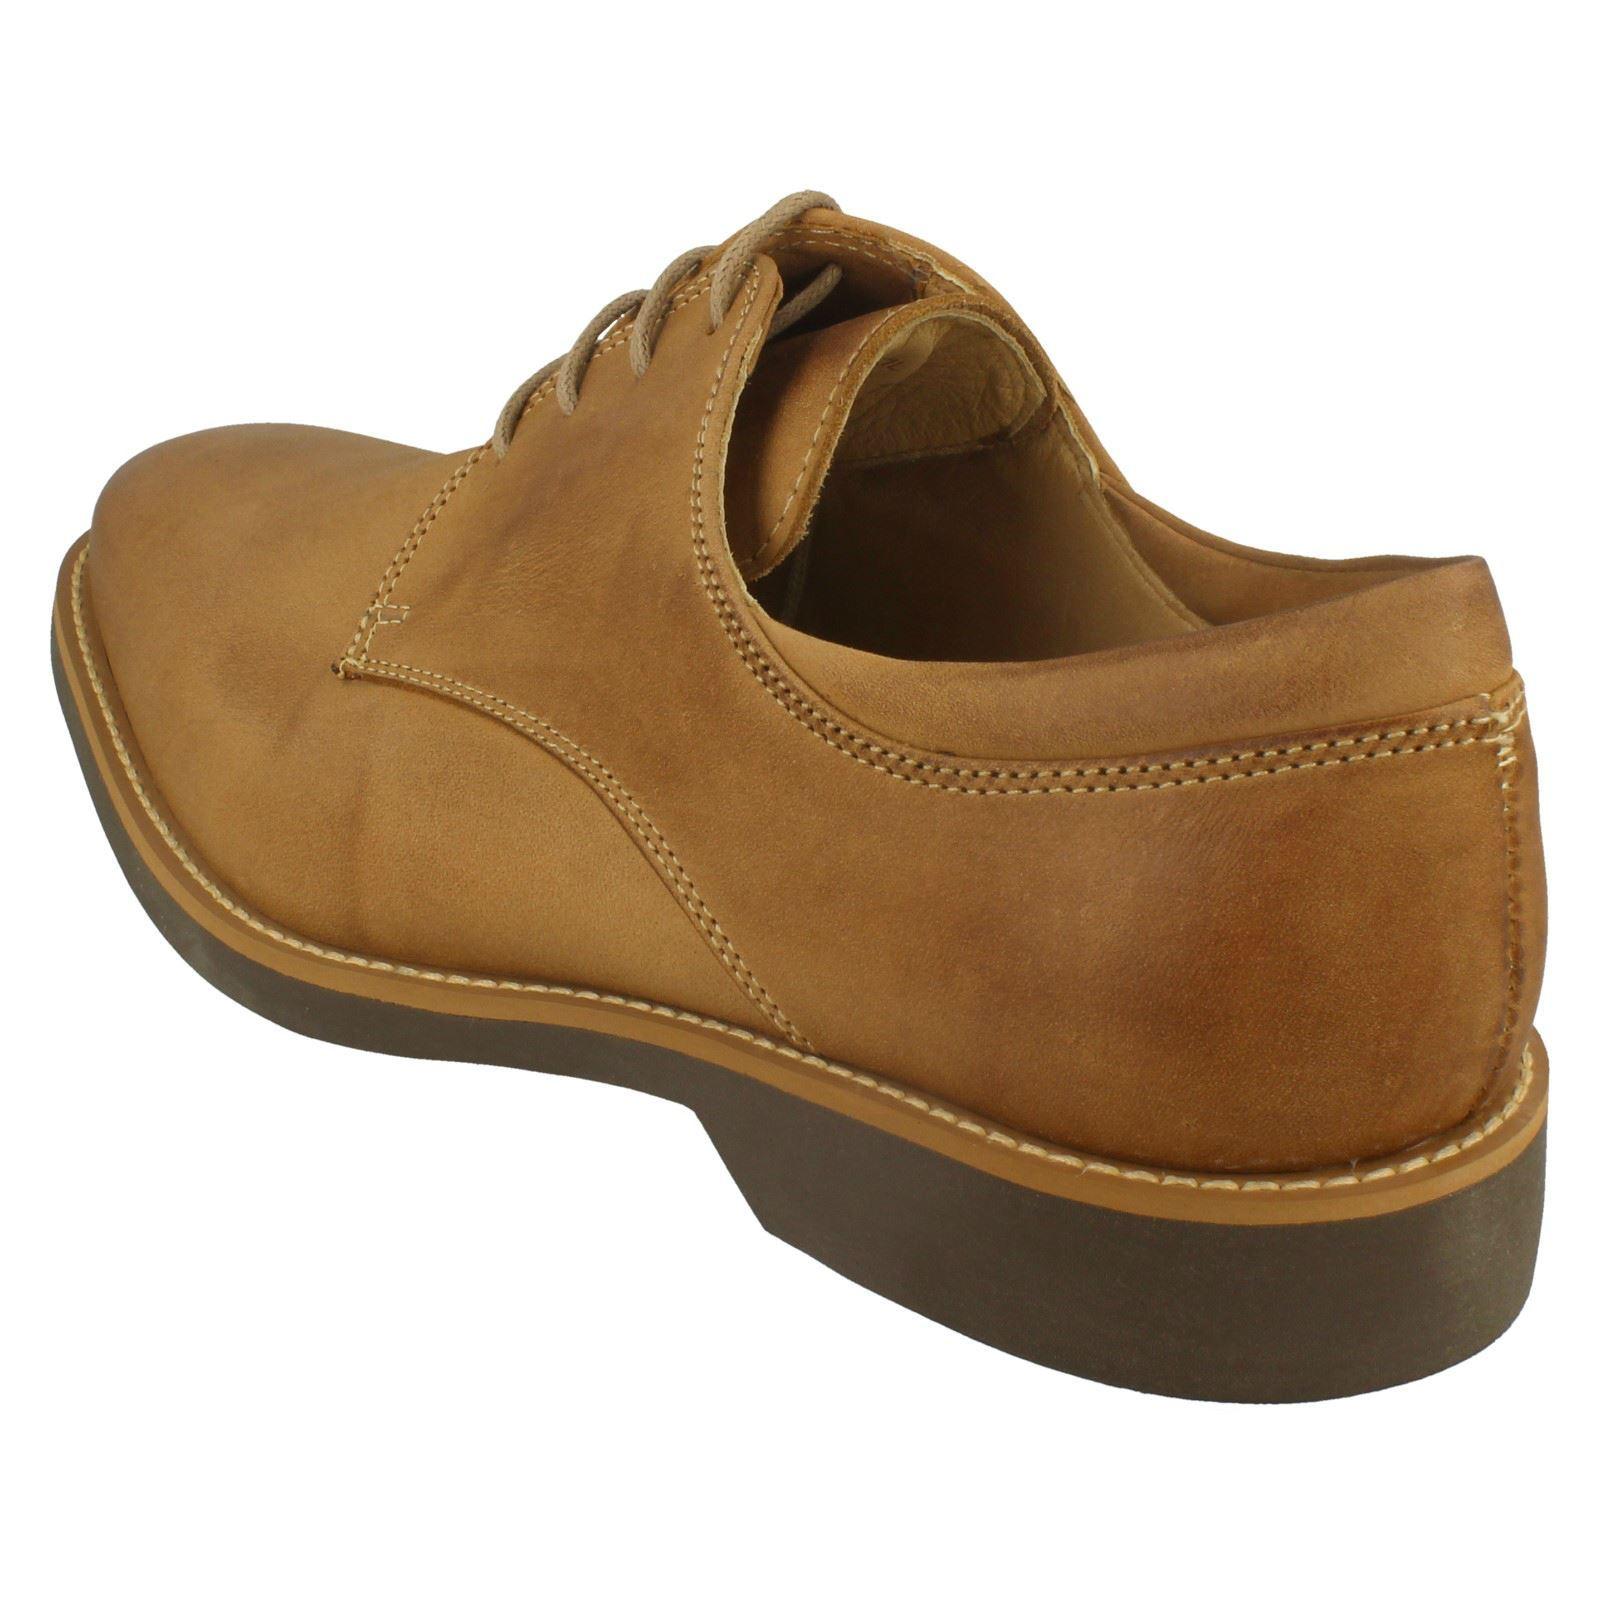 108123883d5996 ... anatomic anatomic anatomic & co 'delta' smart chaussures étiquette ~ k  | Une Bonne ...